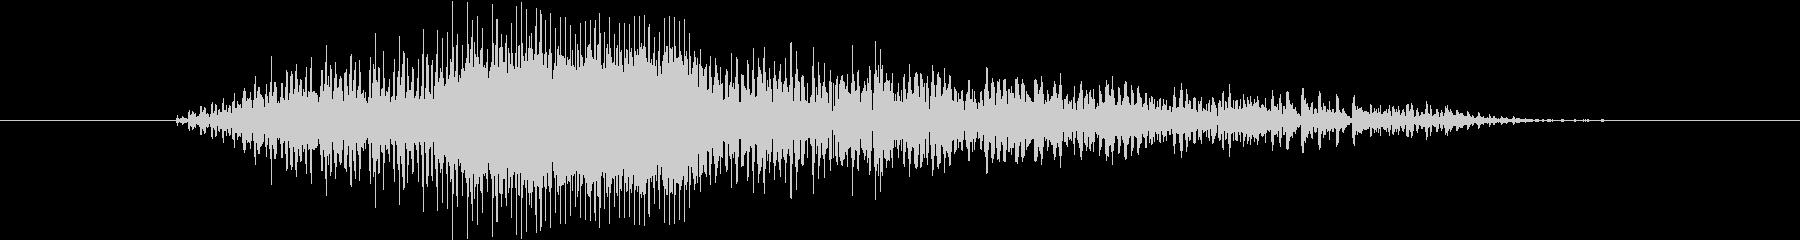 鳴き声 男性コンバットヒットハード15の未再生の波形